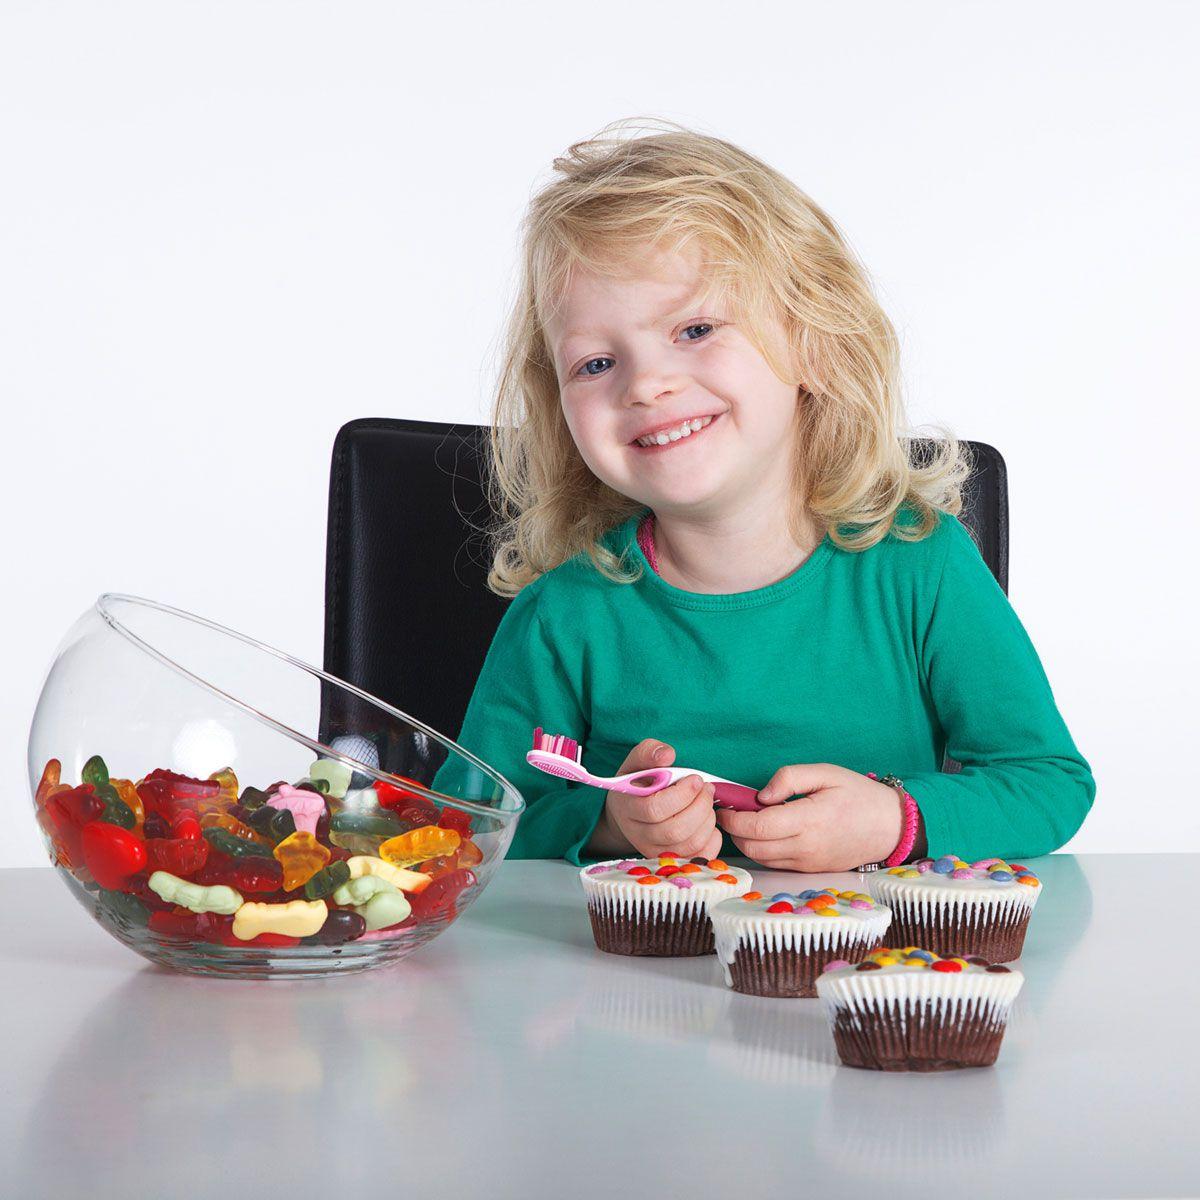 Можно ли давать детям сладкое?